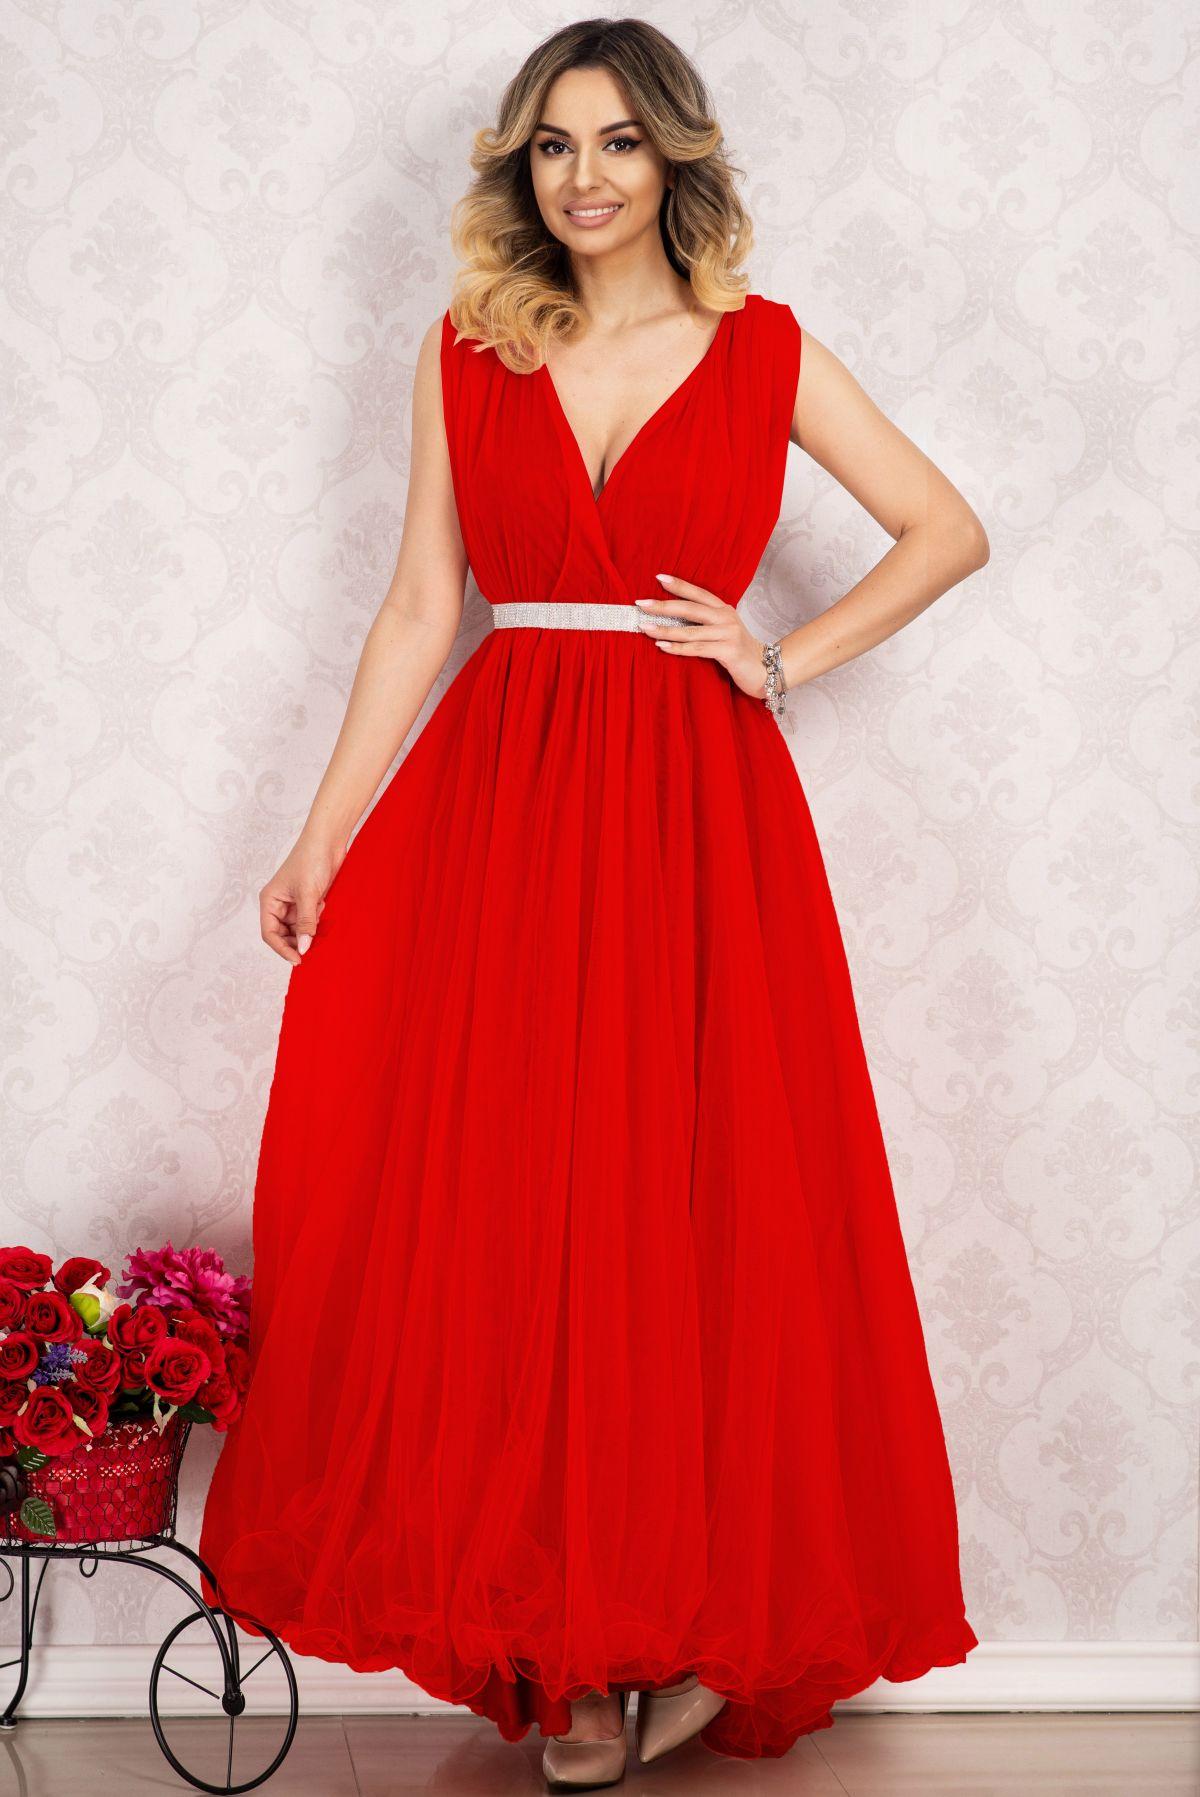 Rochie pentru domnisoara de onoare lunga rosie din tulle By InPuff